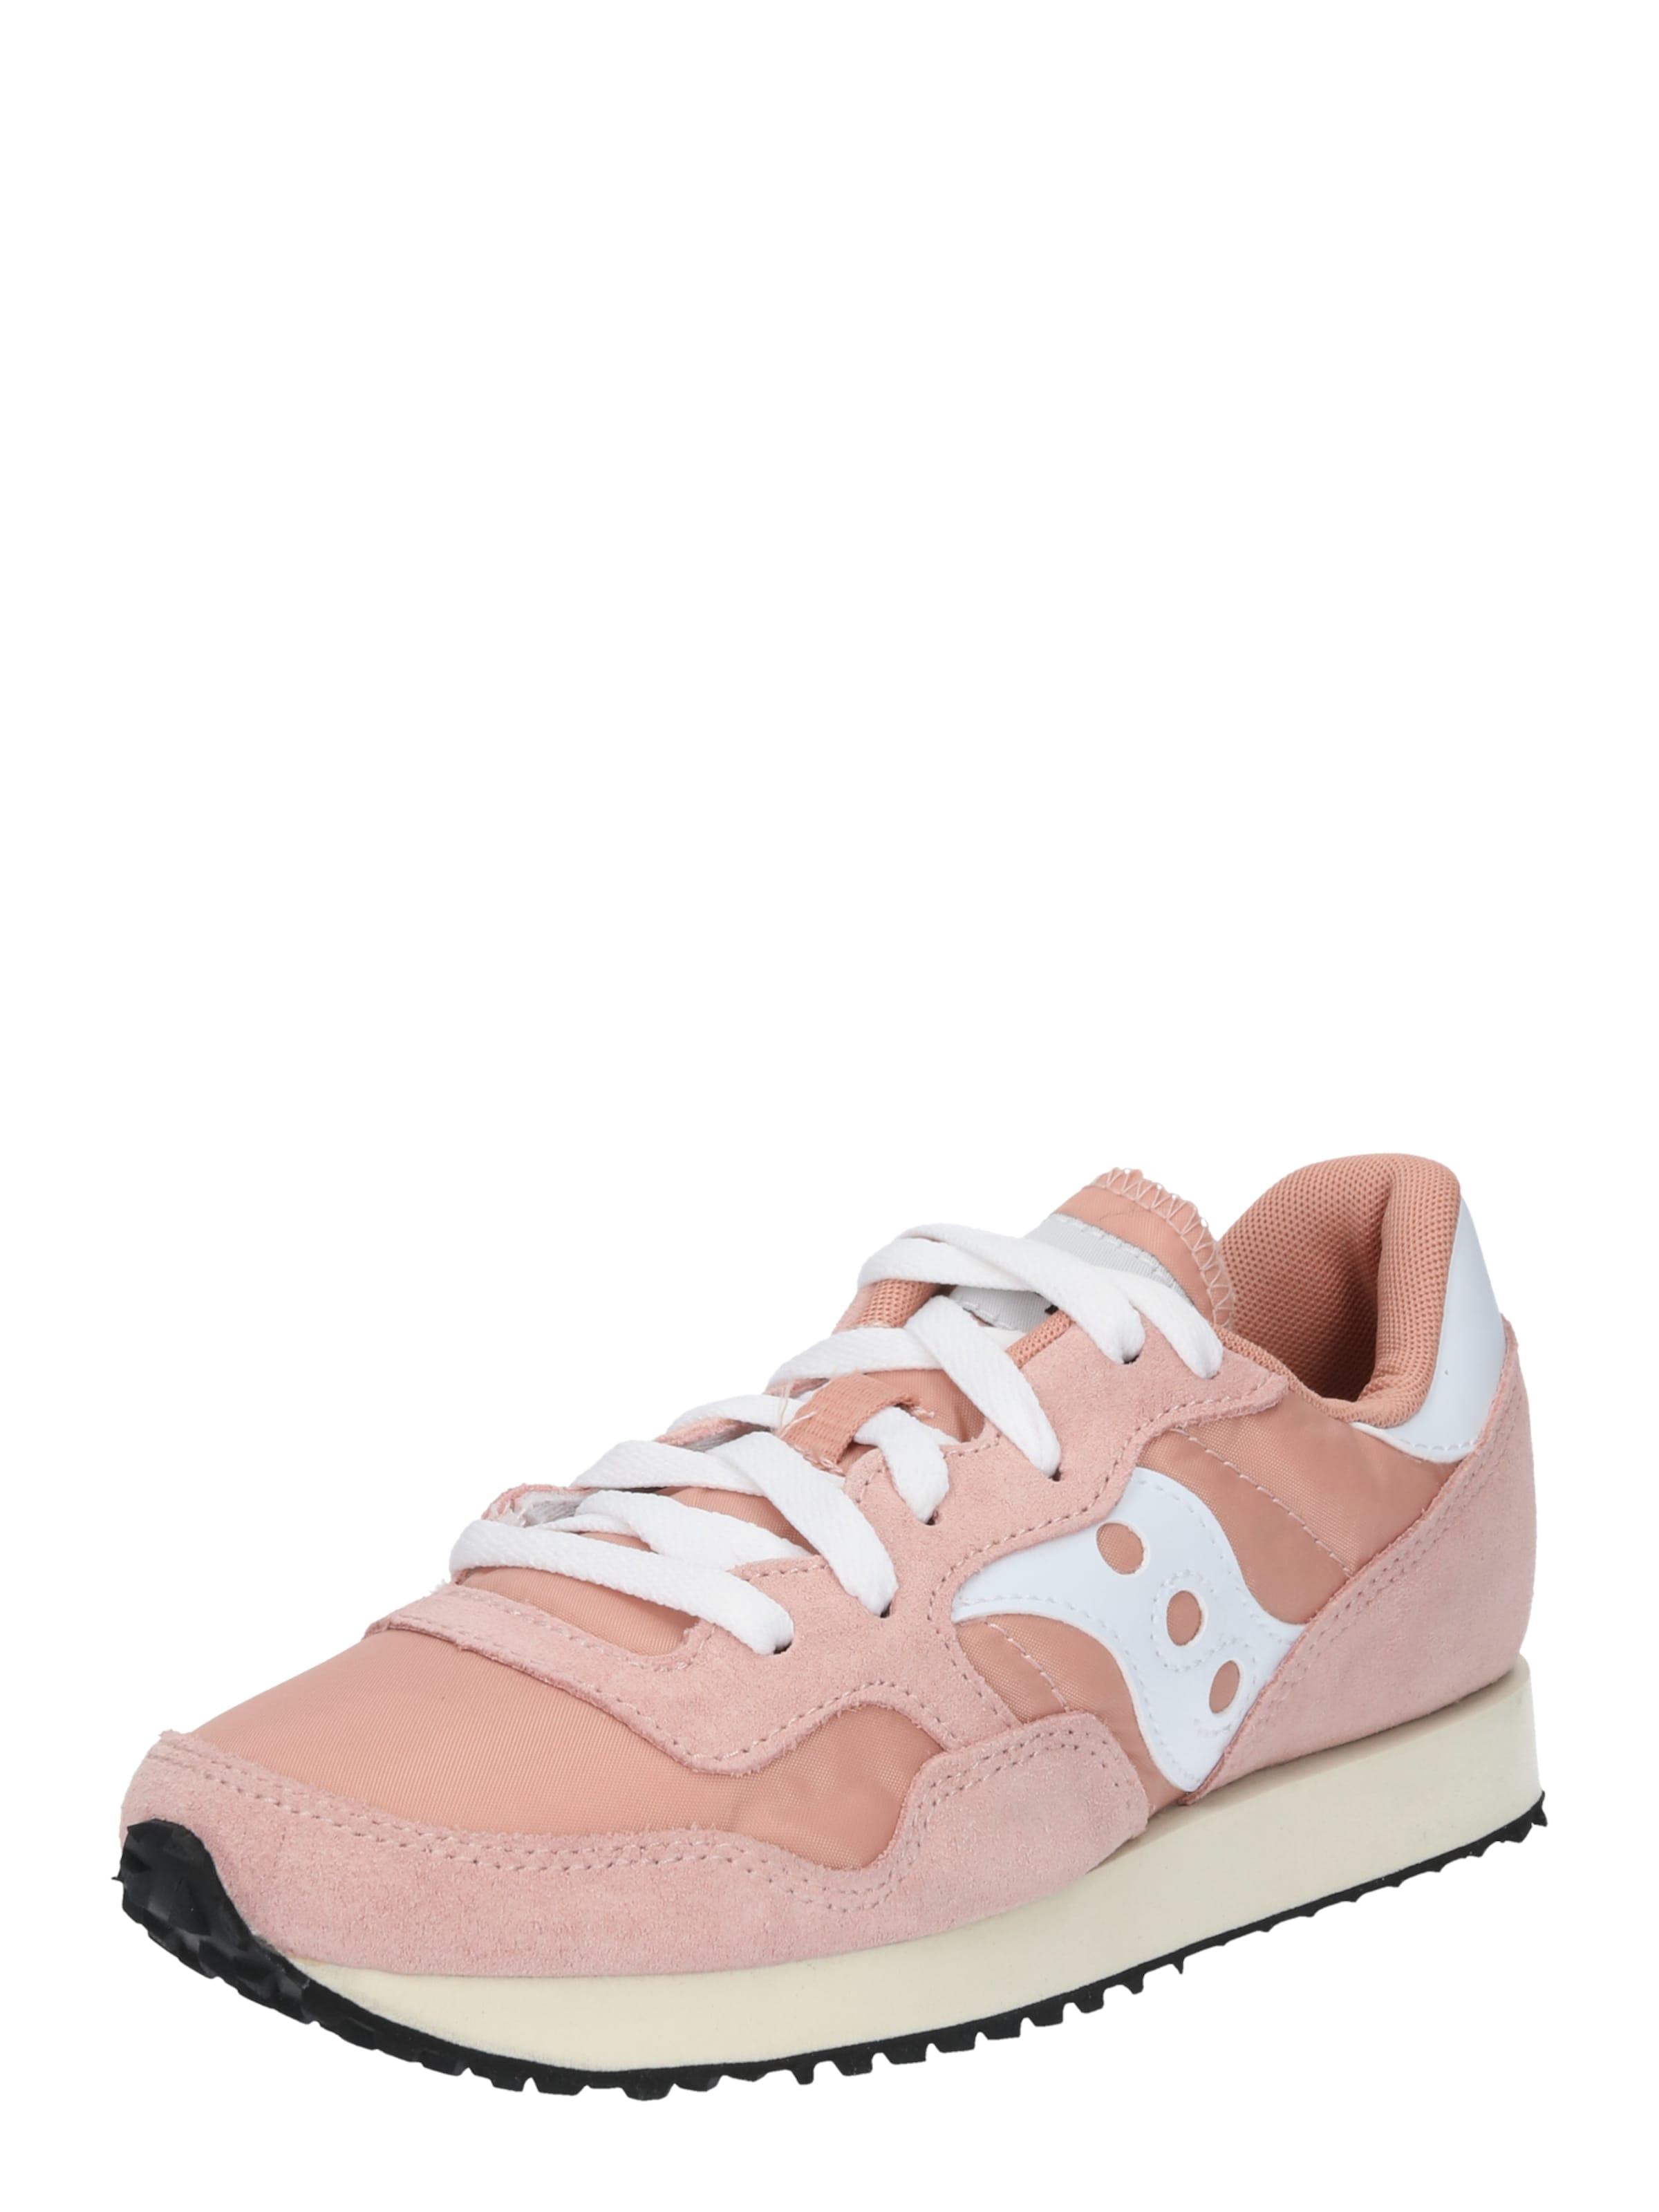 Weiß PinkBurgunder Schuhe 'dxn Vintage' Saucony In cL5jqA34R